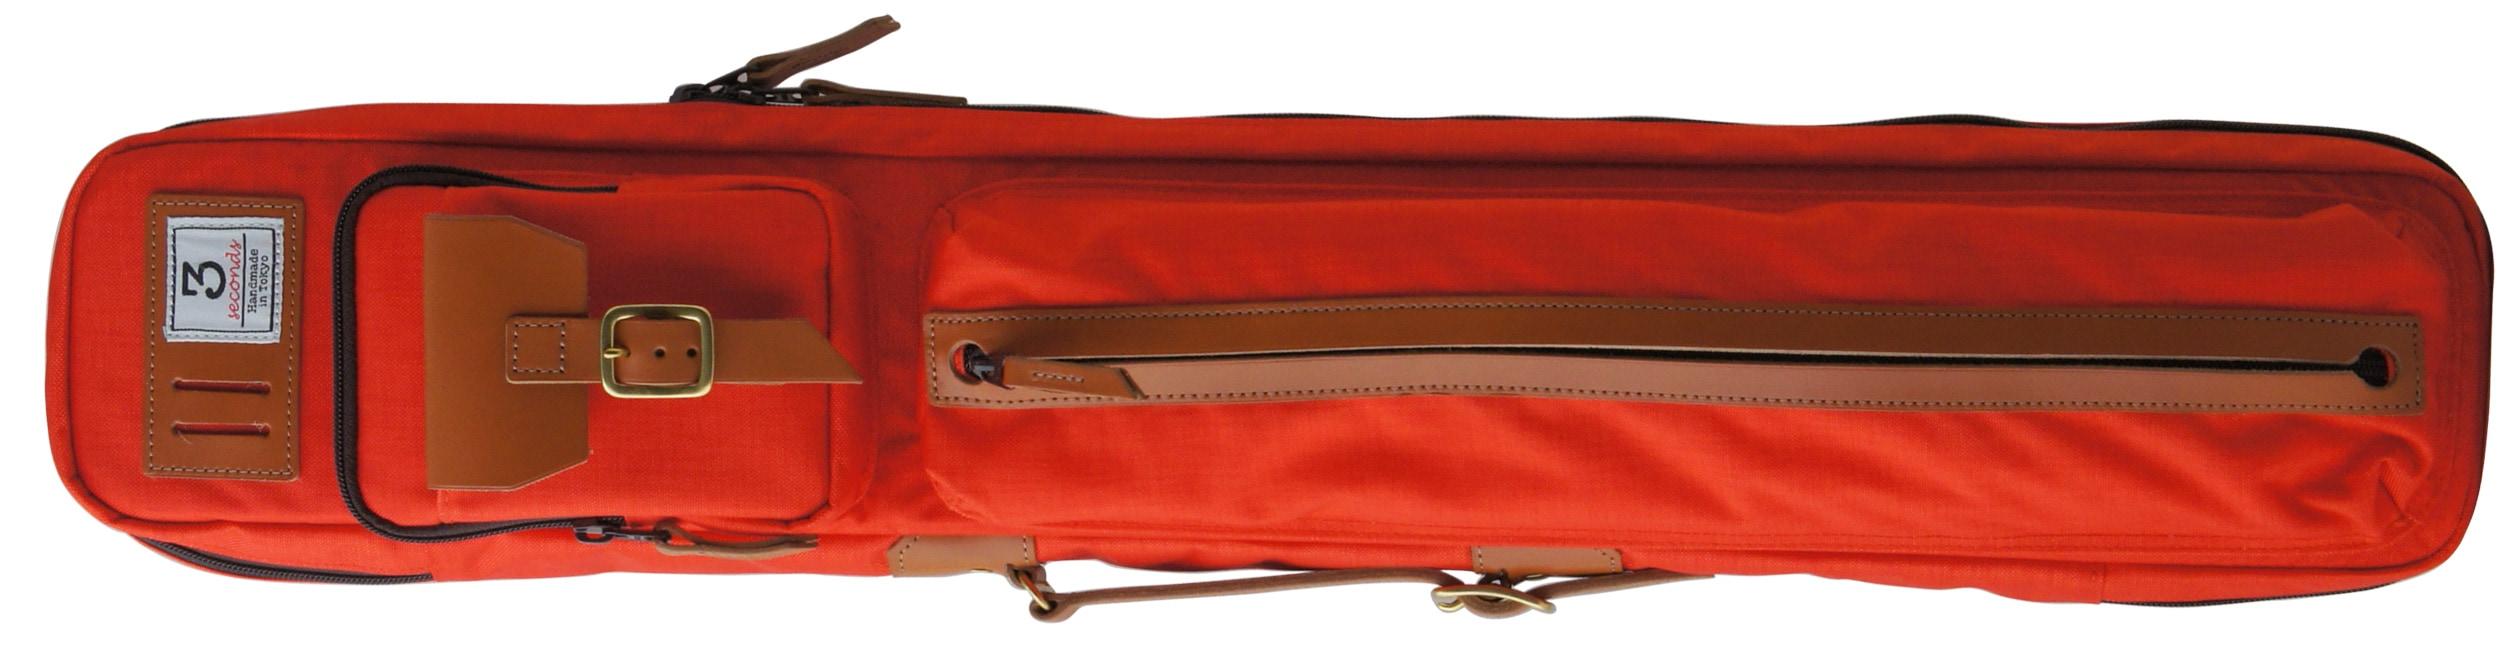 スリーセカンズ ケース オレンジ 3b4s (バット3本シャフト4本収納) 商品画像